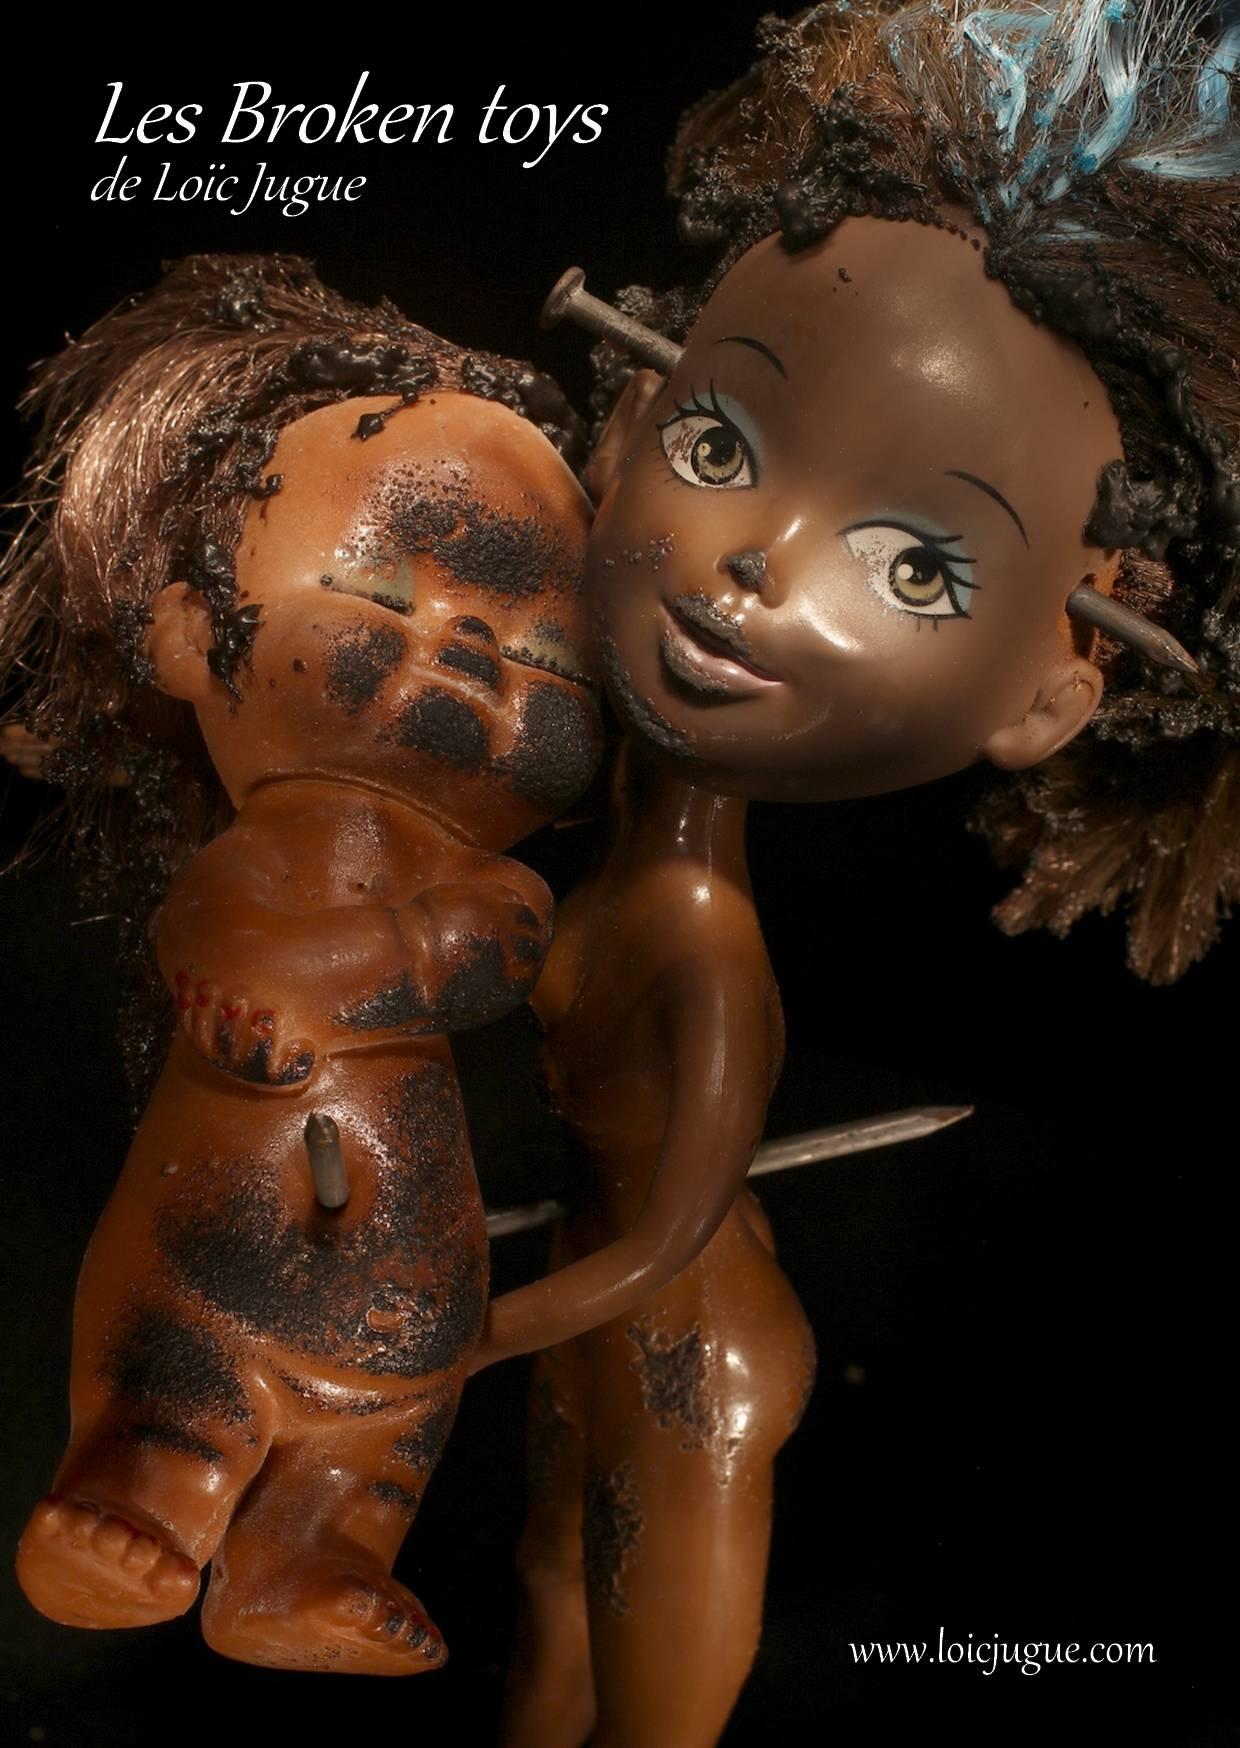 Les broken toys de Loïc Jugue: La jeune fille au poupon